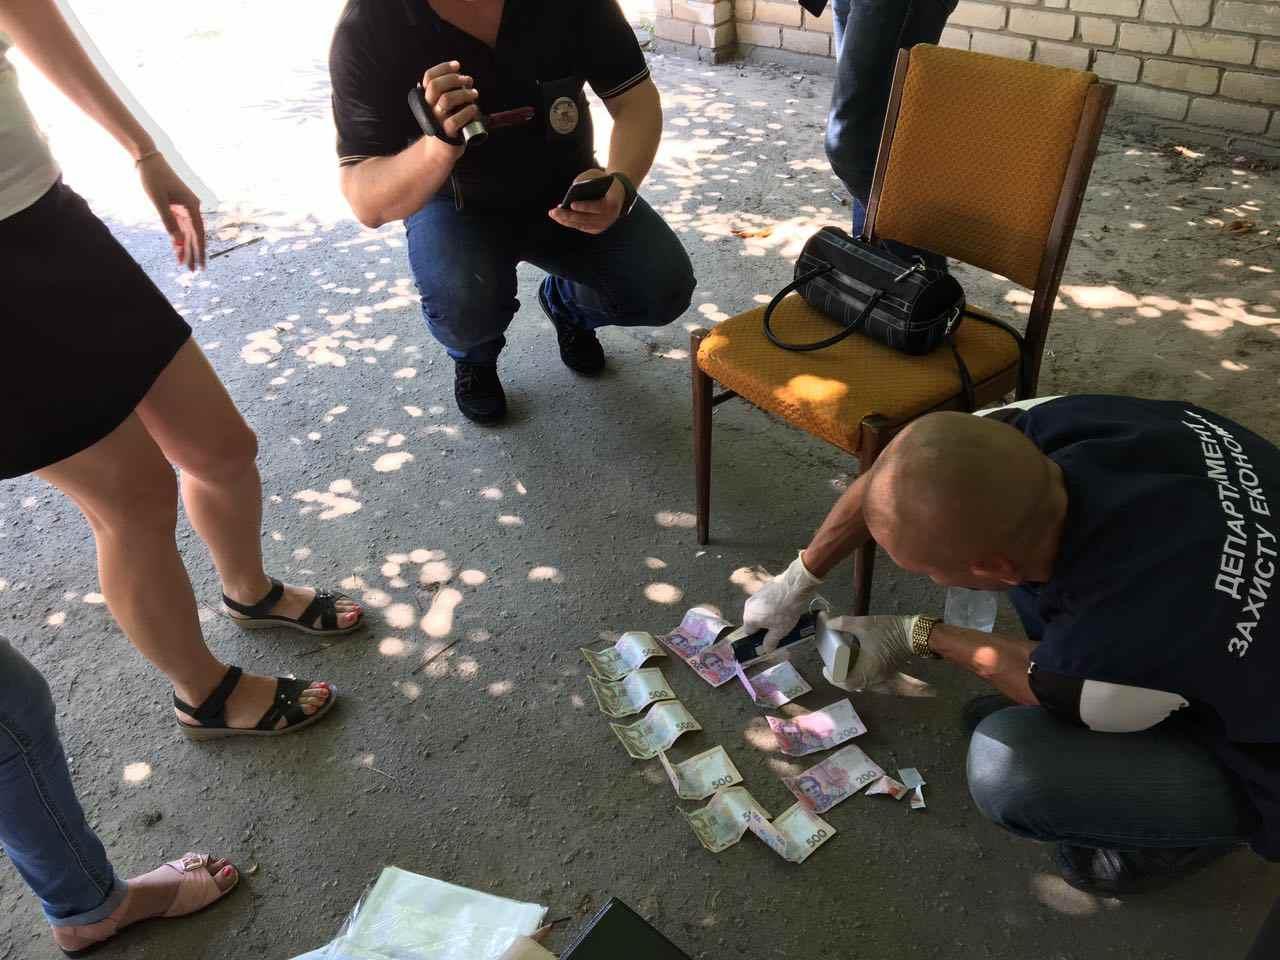 На Херсонщині на отриманні хабара затримали спеціаліста райвоєнкомата: неправомірну вигоду вона отримувала не вперше